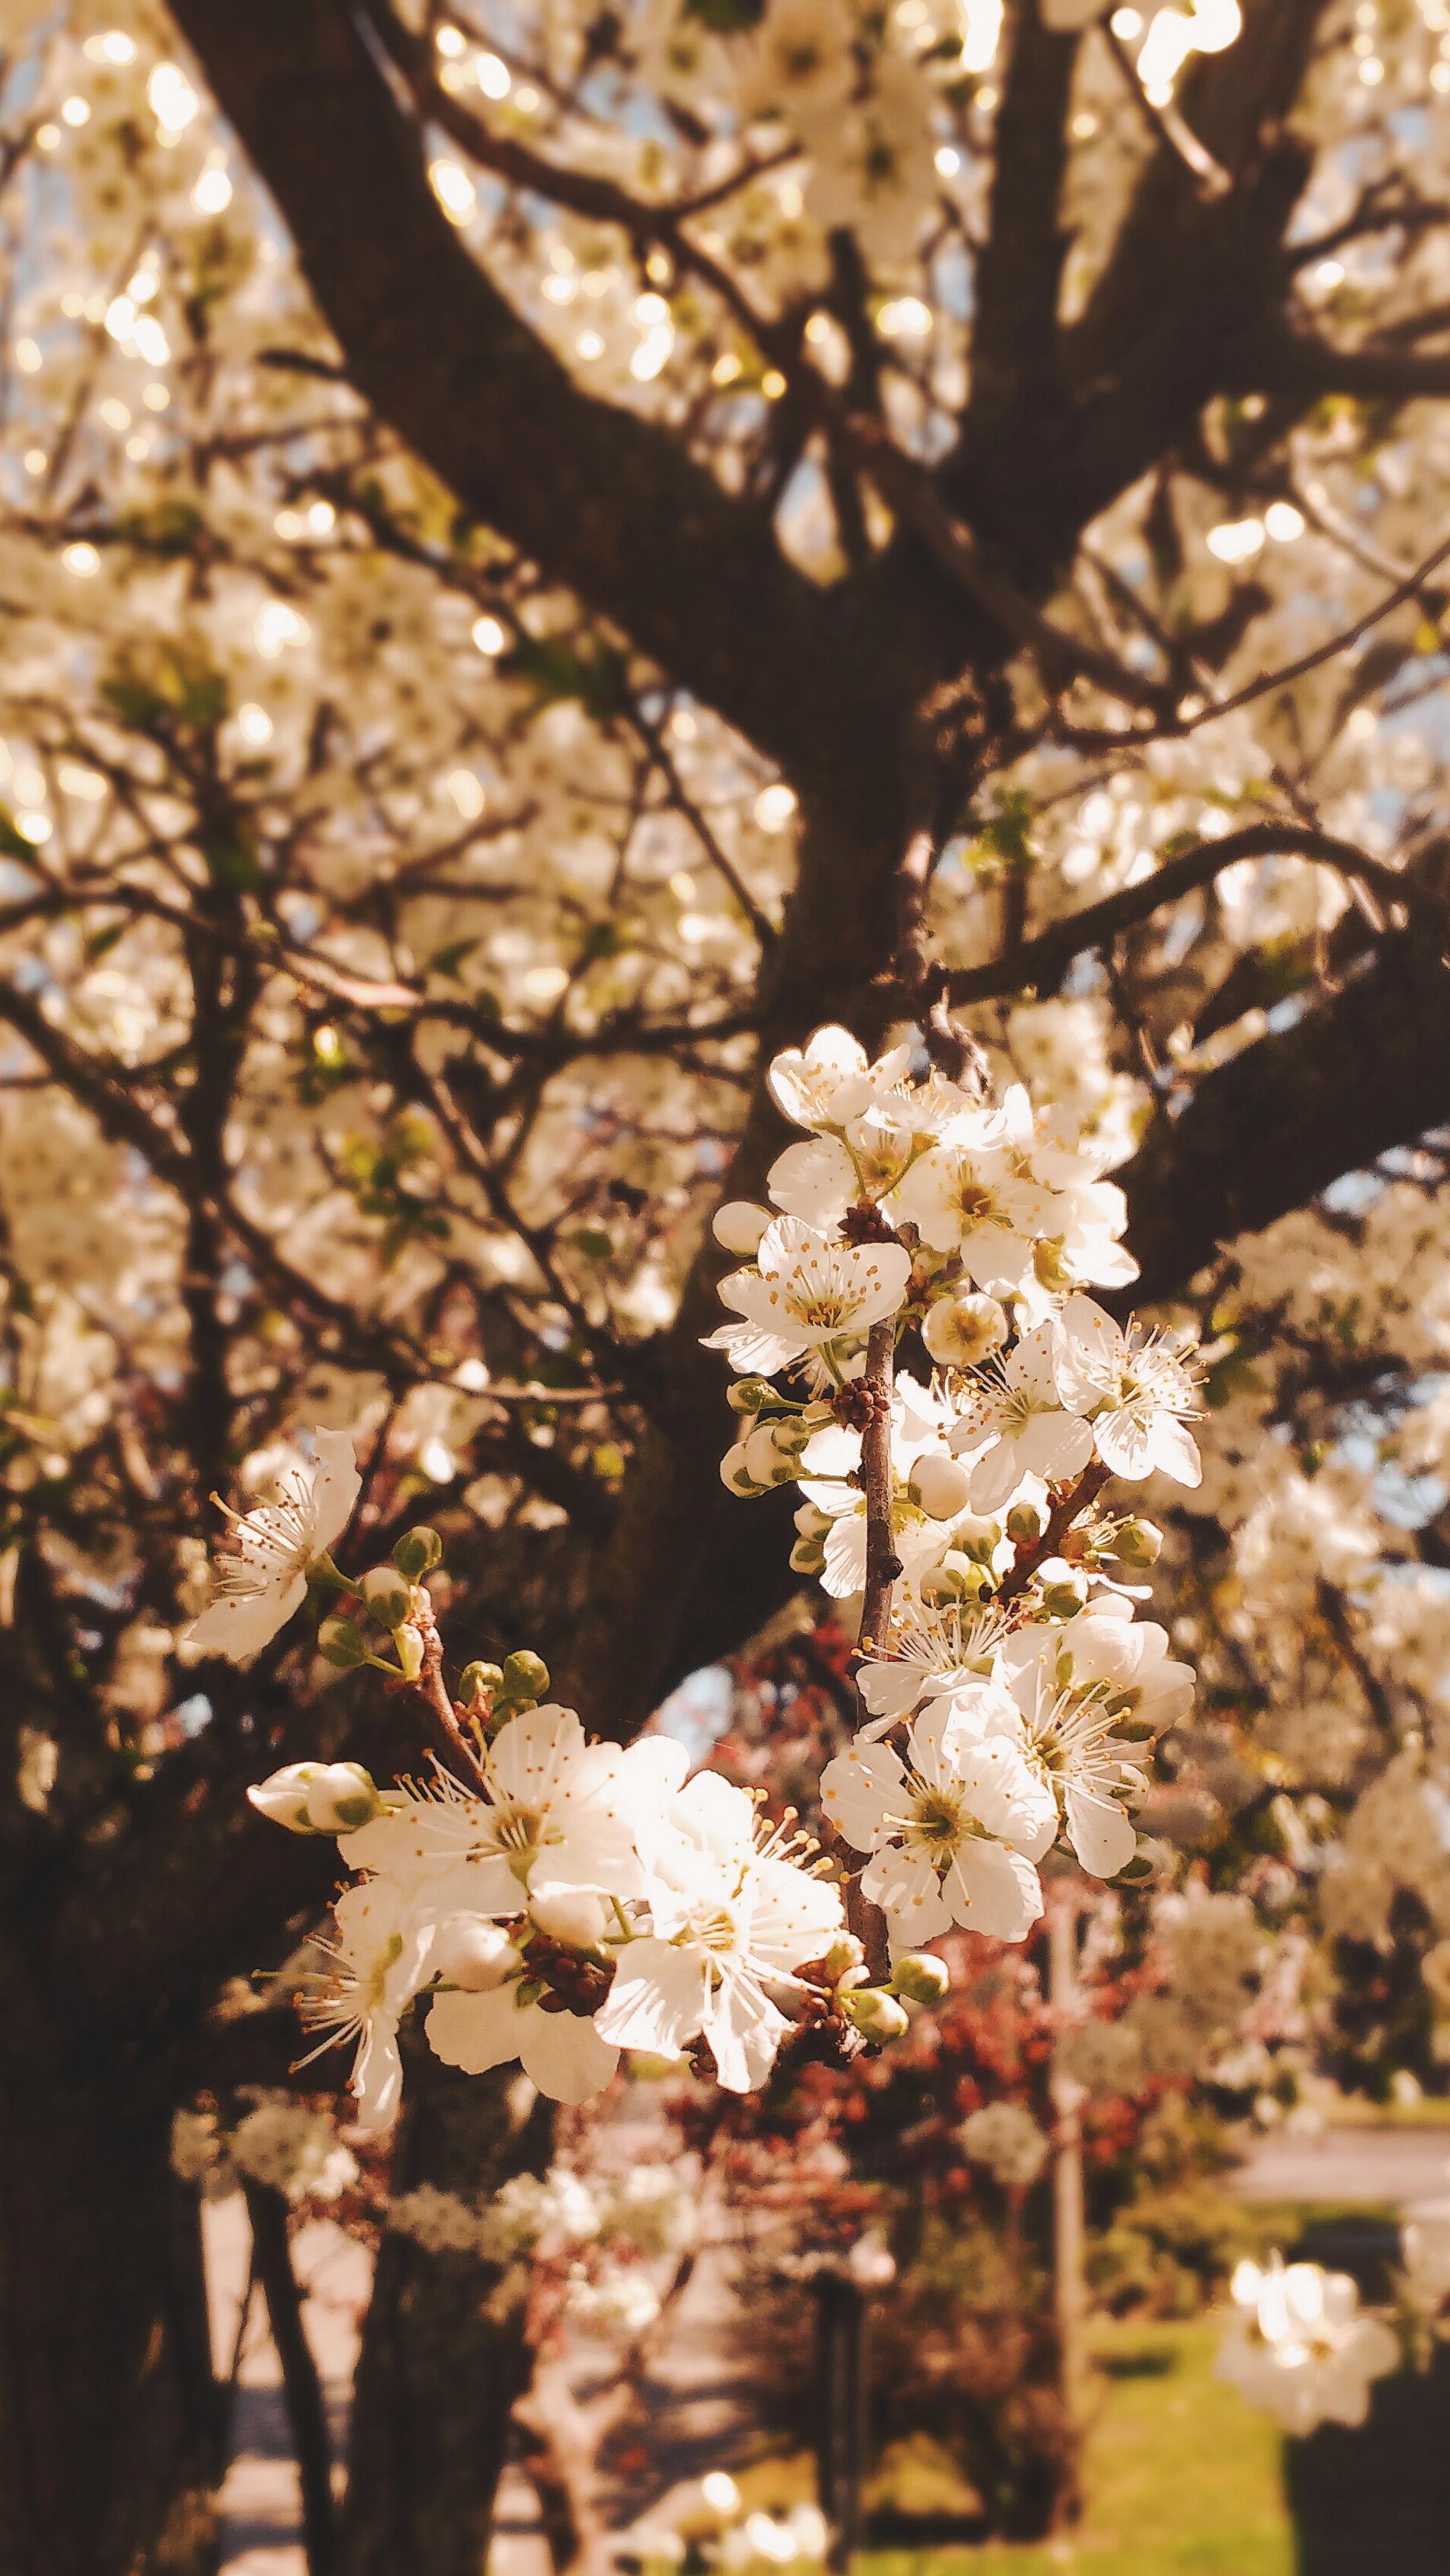 hintergrund  Hintergrund Blumen Tumblr